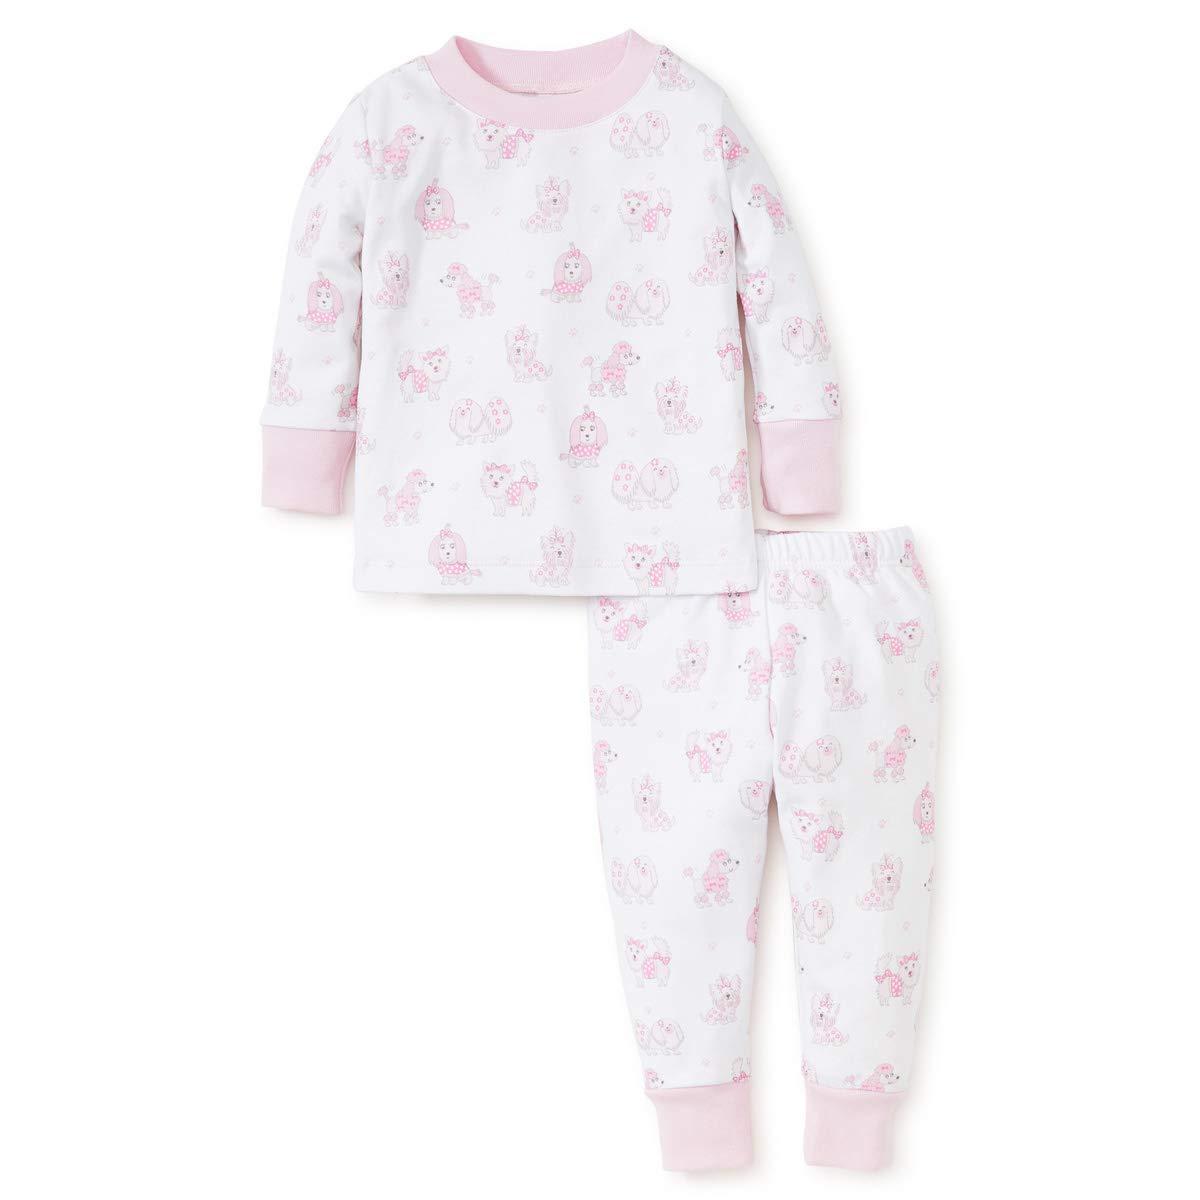 Kissy Kissy Baby Girls Pj Fall 18 Pooches Print Pajama Set